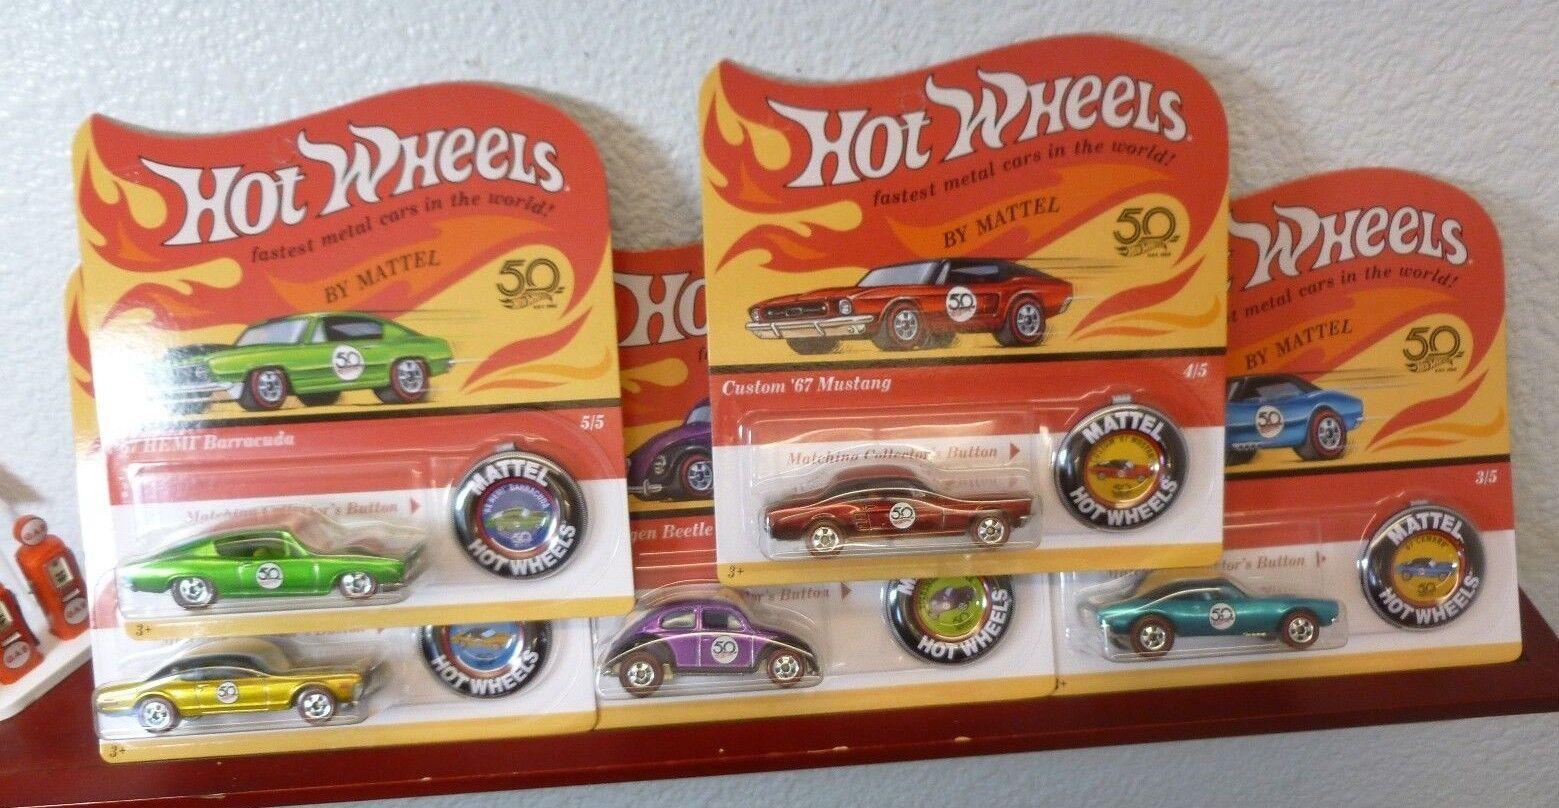 ahorra hasta un 50% Lote de 5 con error 2018 Hot Wheels 50th Aniversario Aniversario Aniversario Set Barracuda Camaro Mustang +  presentando toda la última moda de la calle